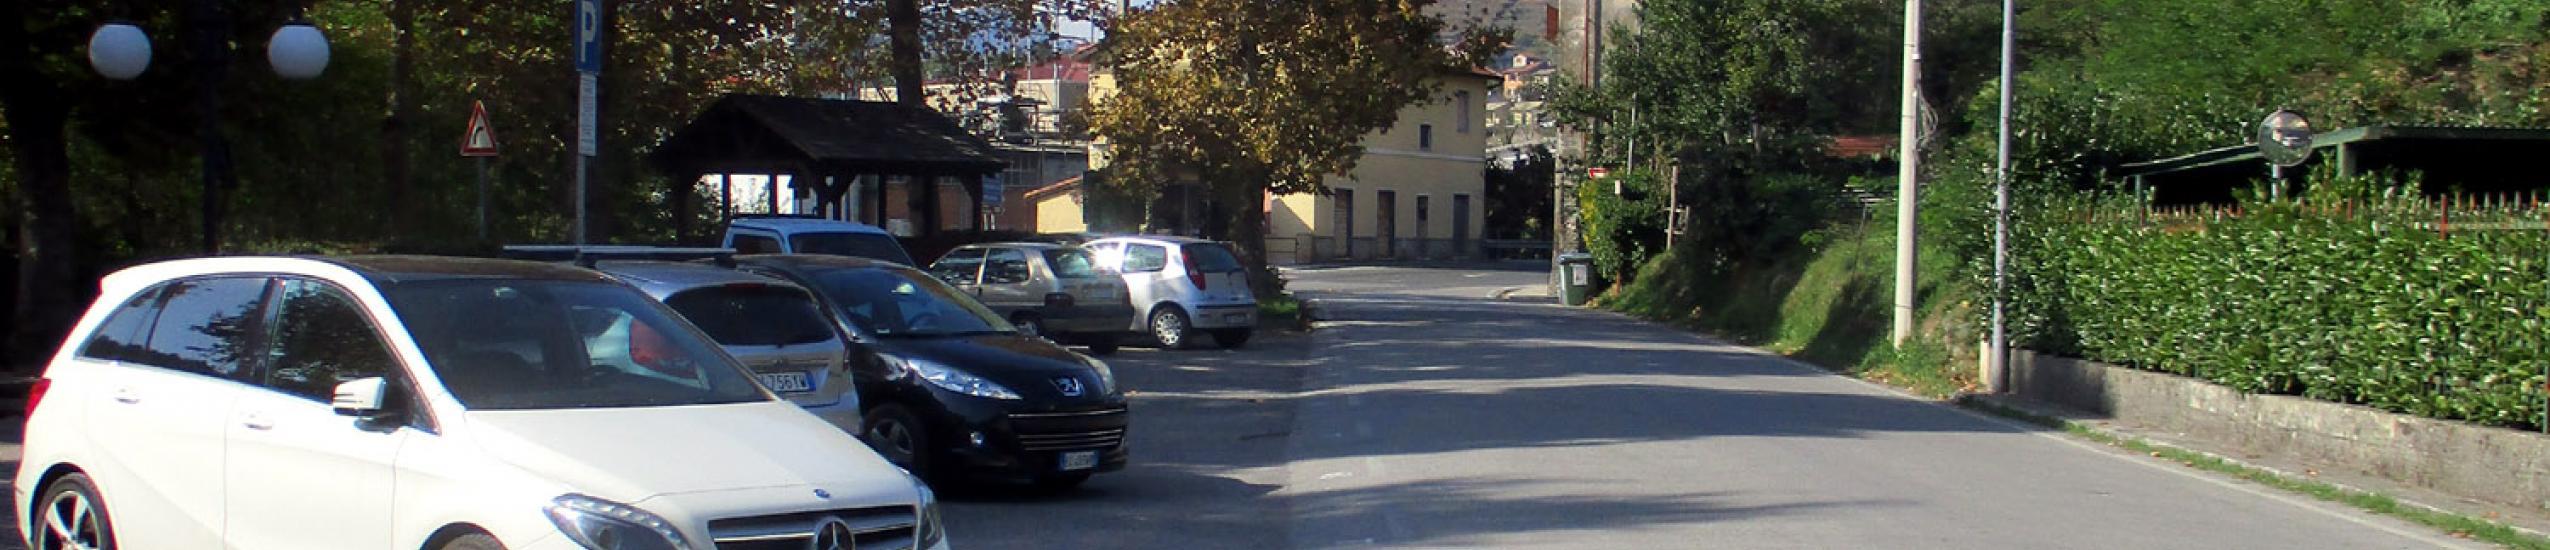 Parcheggio pubblico campo da bocce